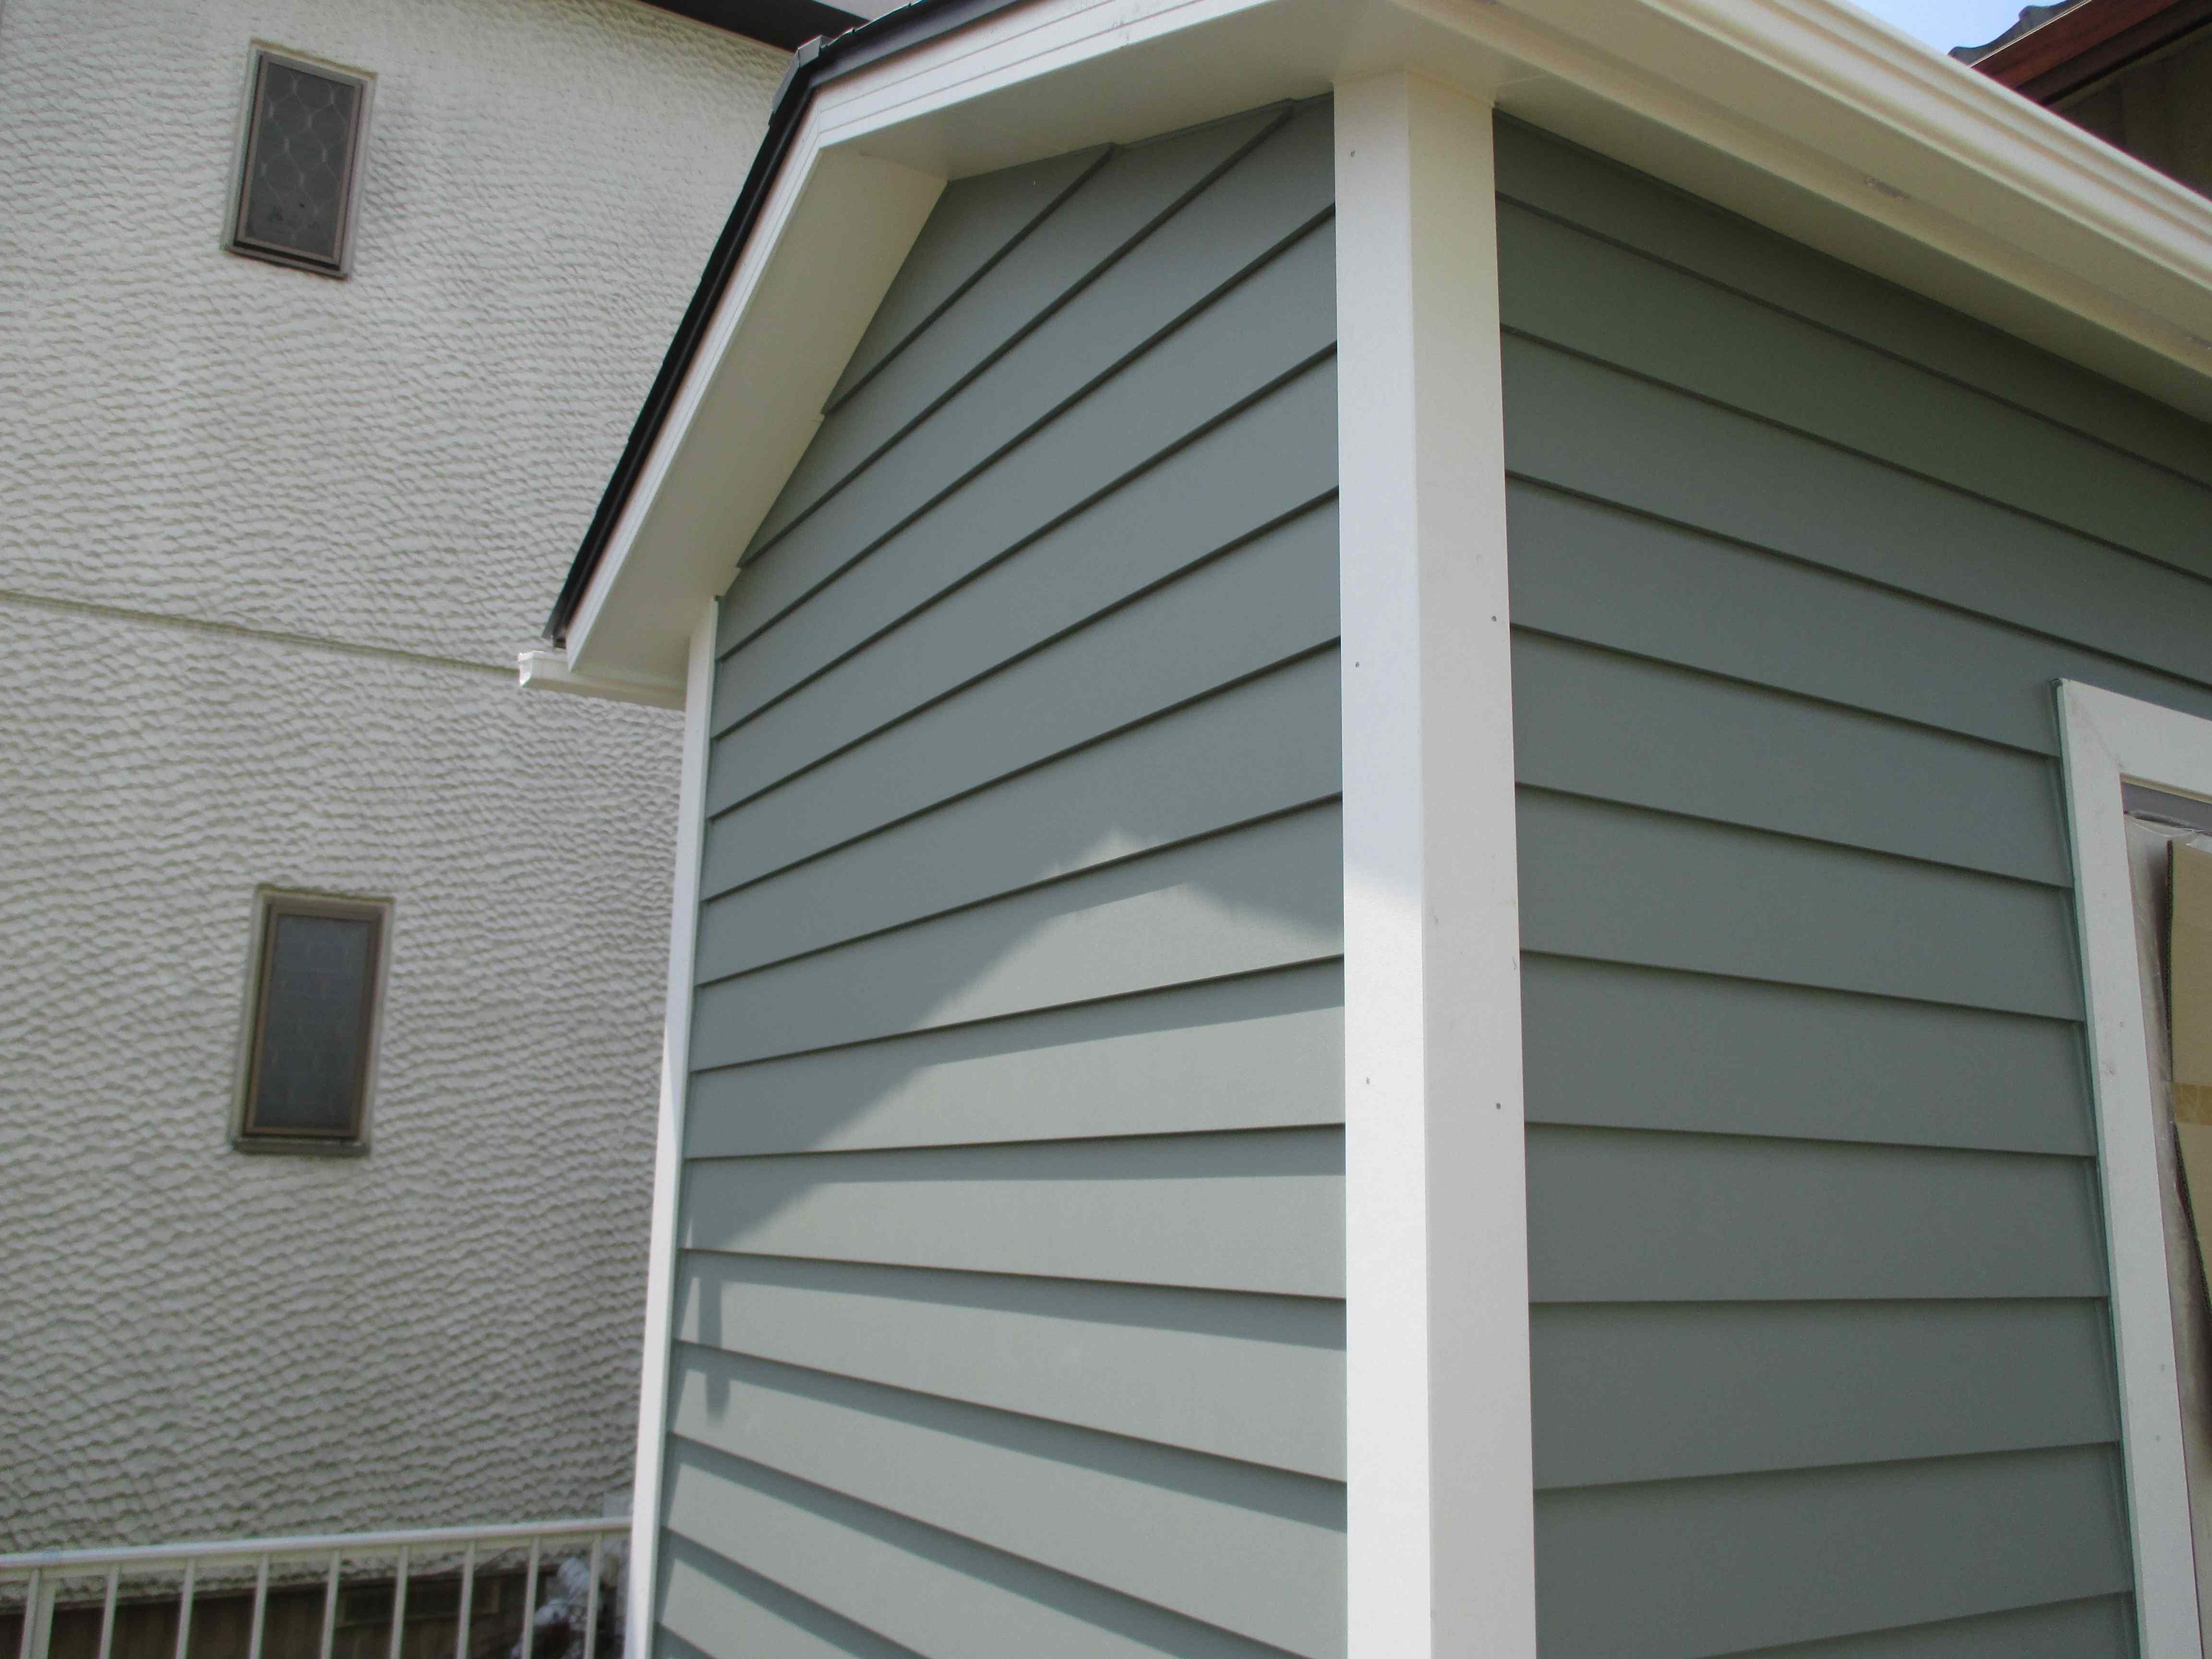 2×4(ツーバイフォー)の小さなお家計画8 モリス正規販売店のブライト_c0157866_17065654.jpg